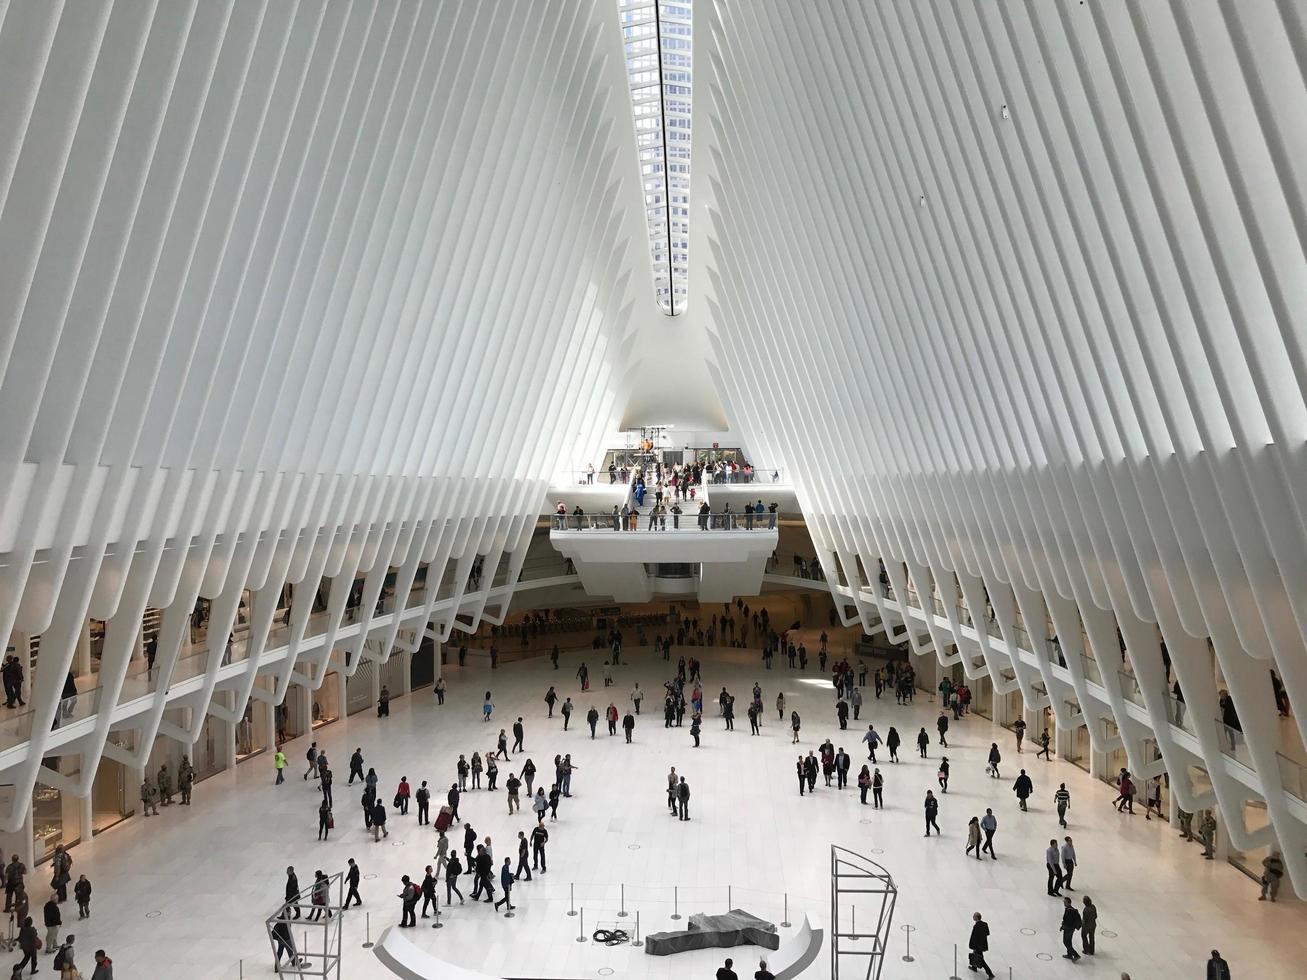 världshandelscentrum foto